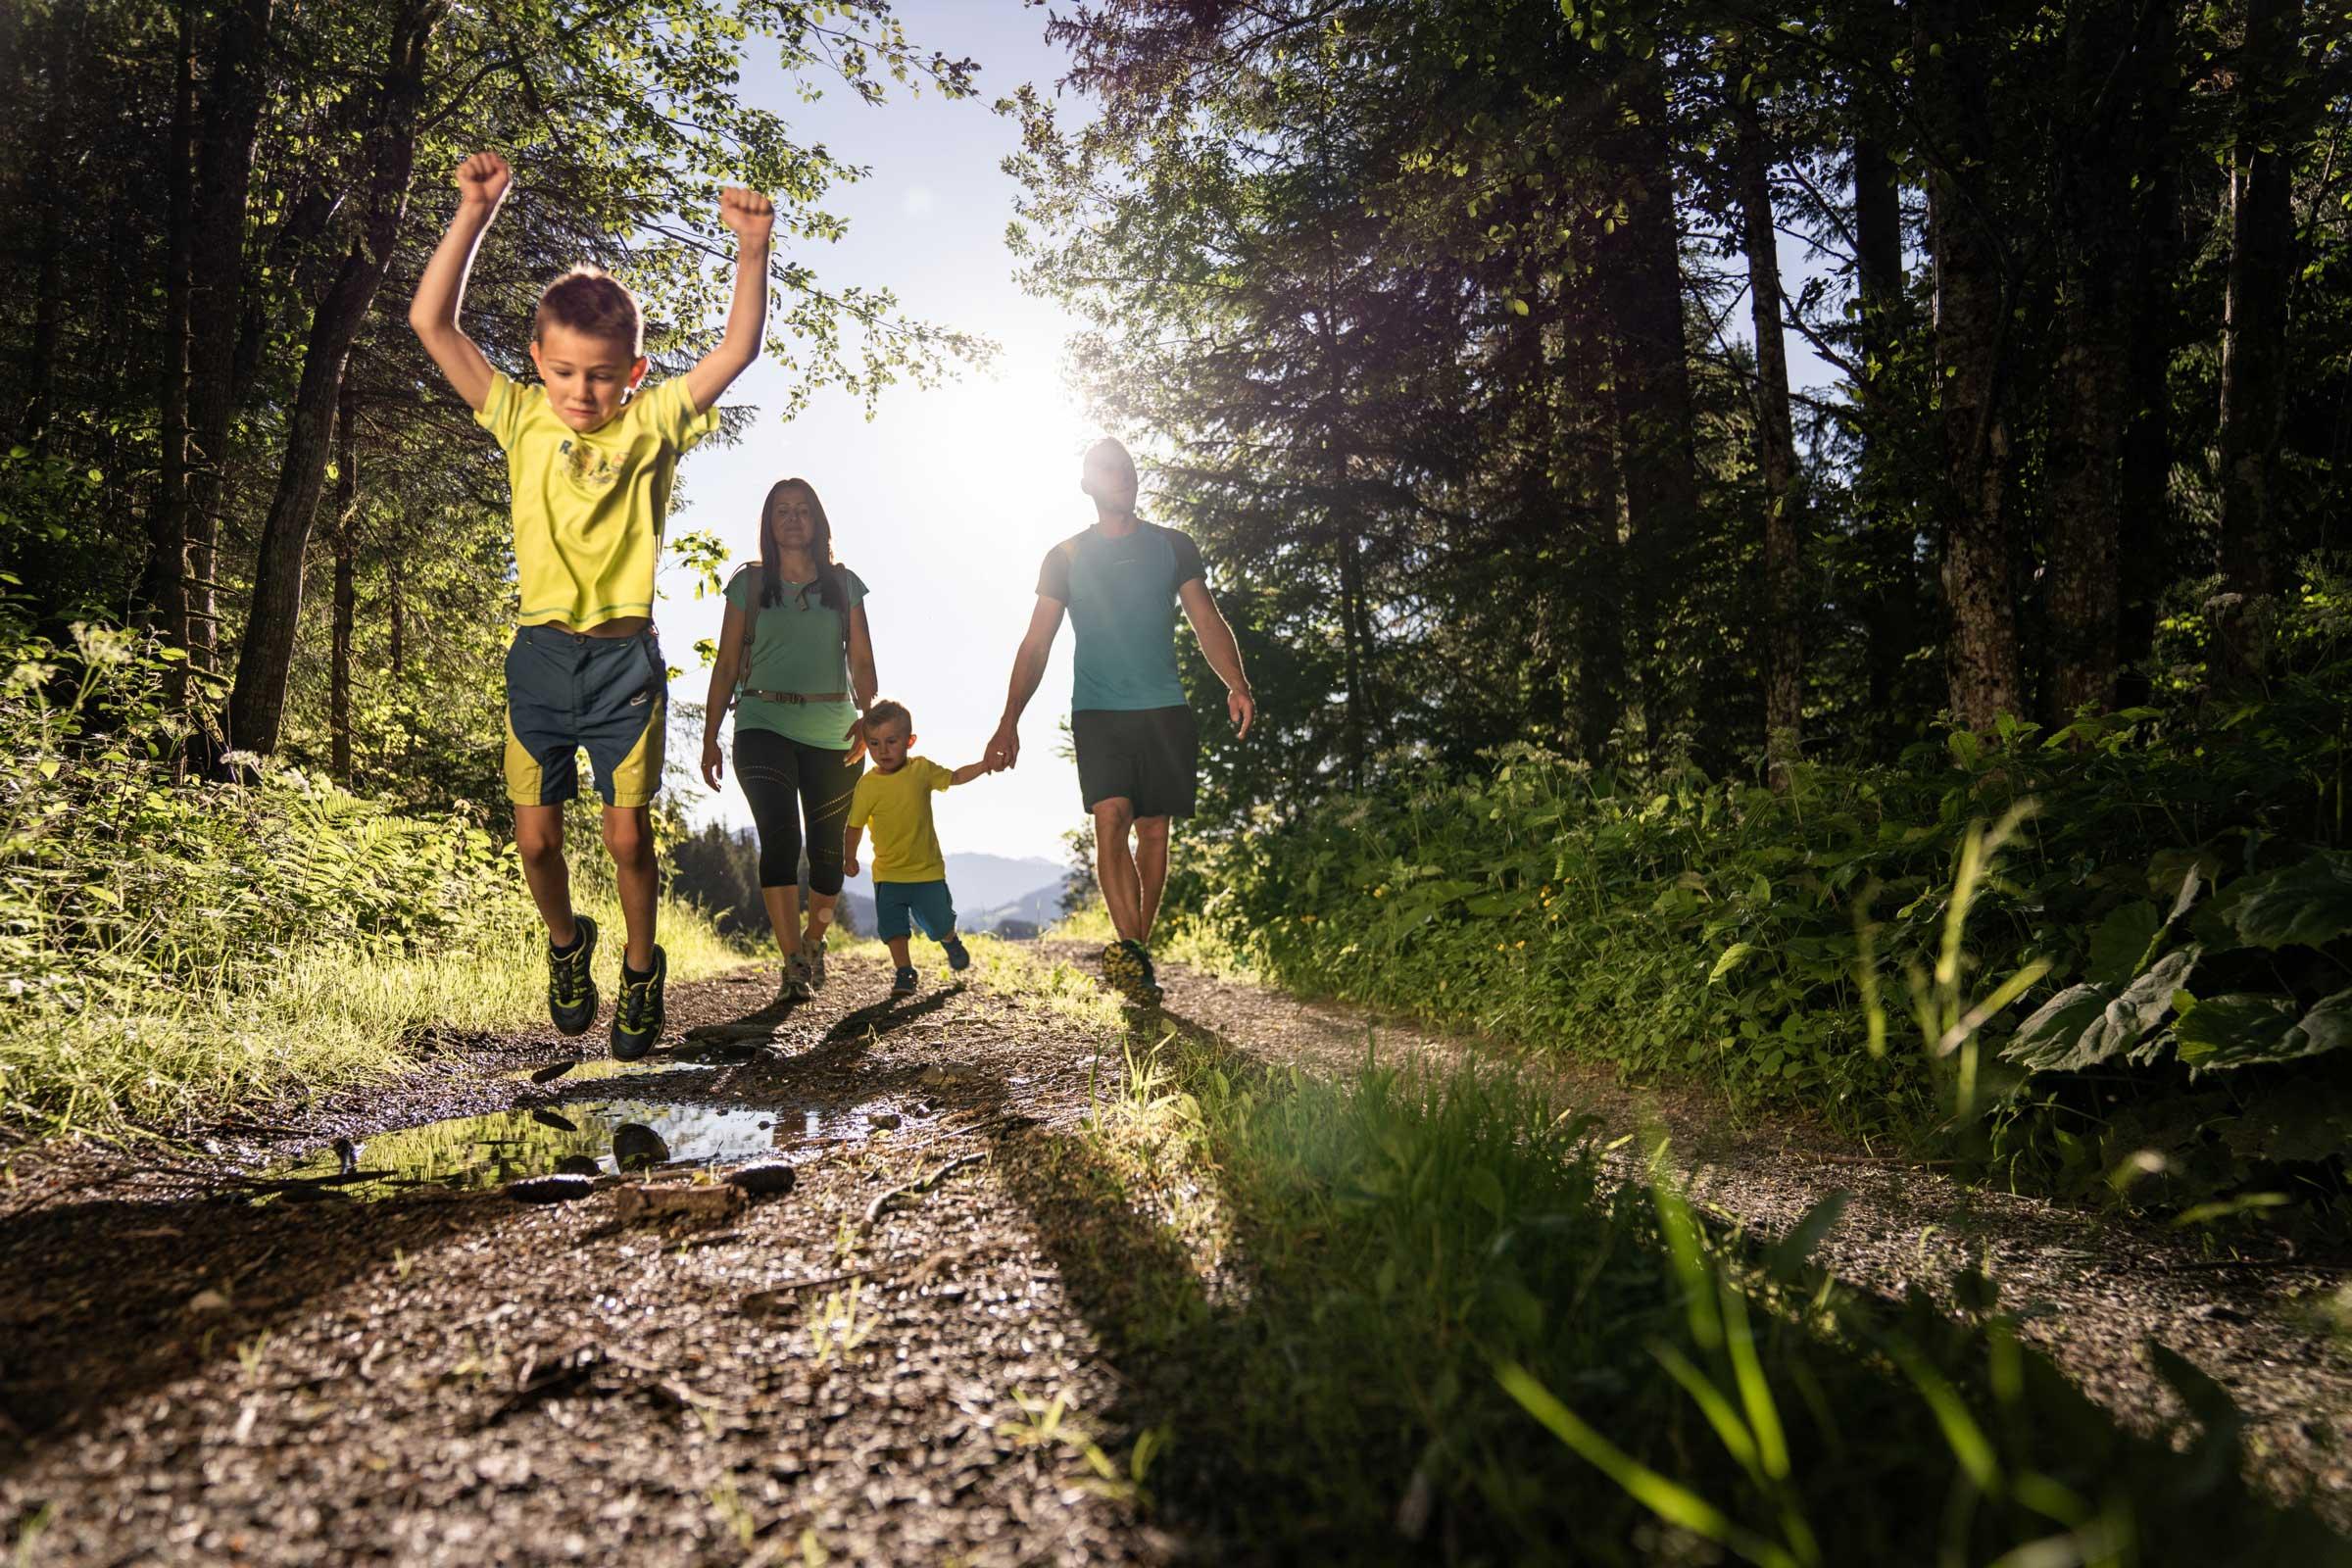 Eine Urlauberfamilie auf Entdeckungstour.